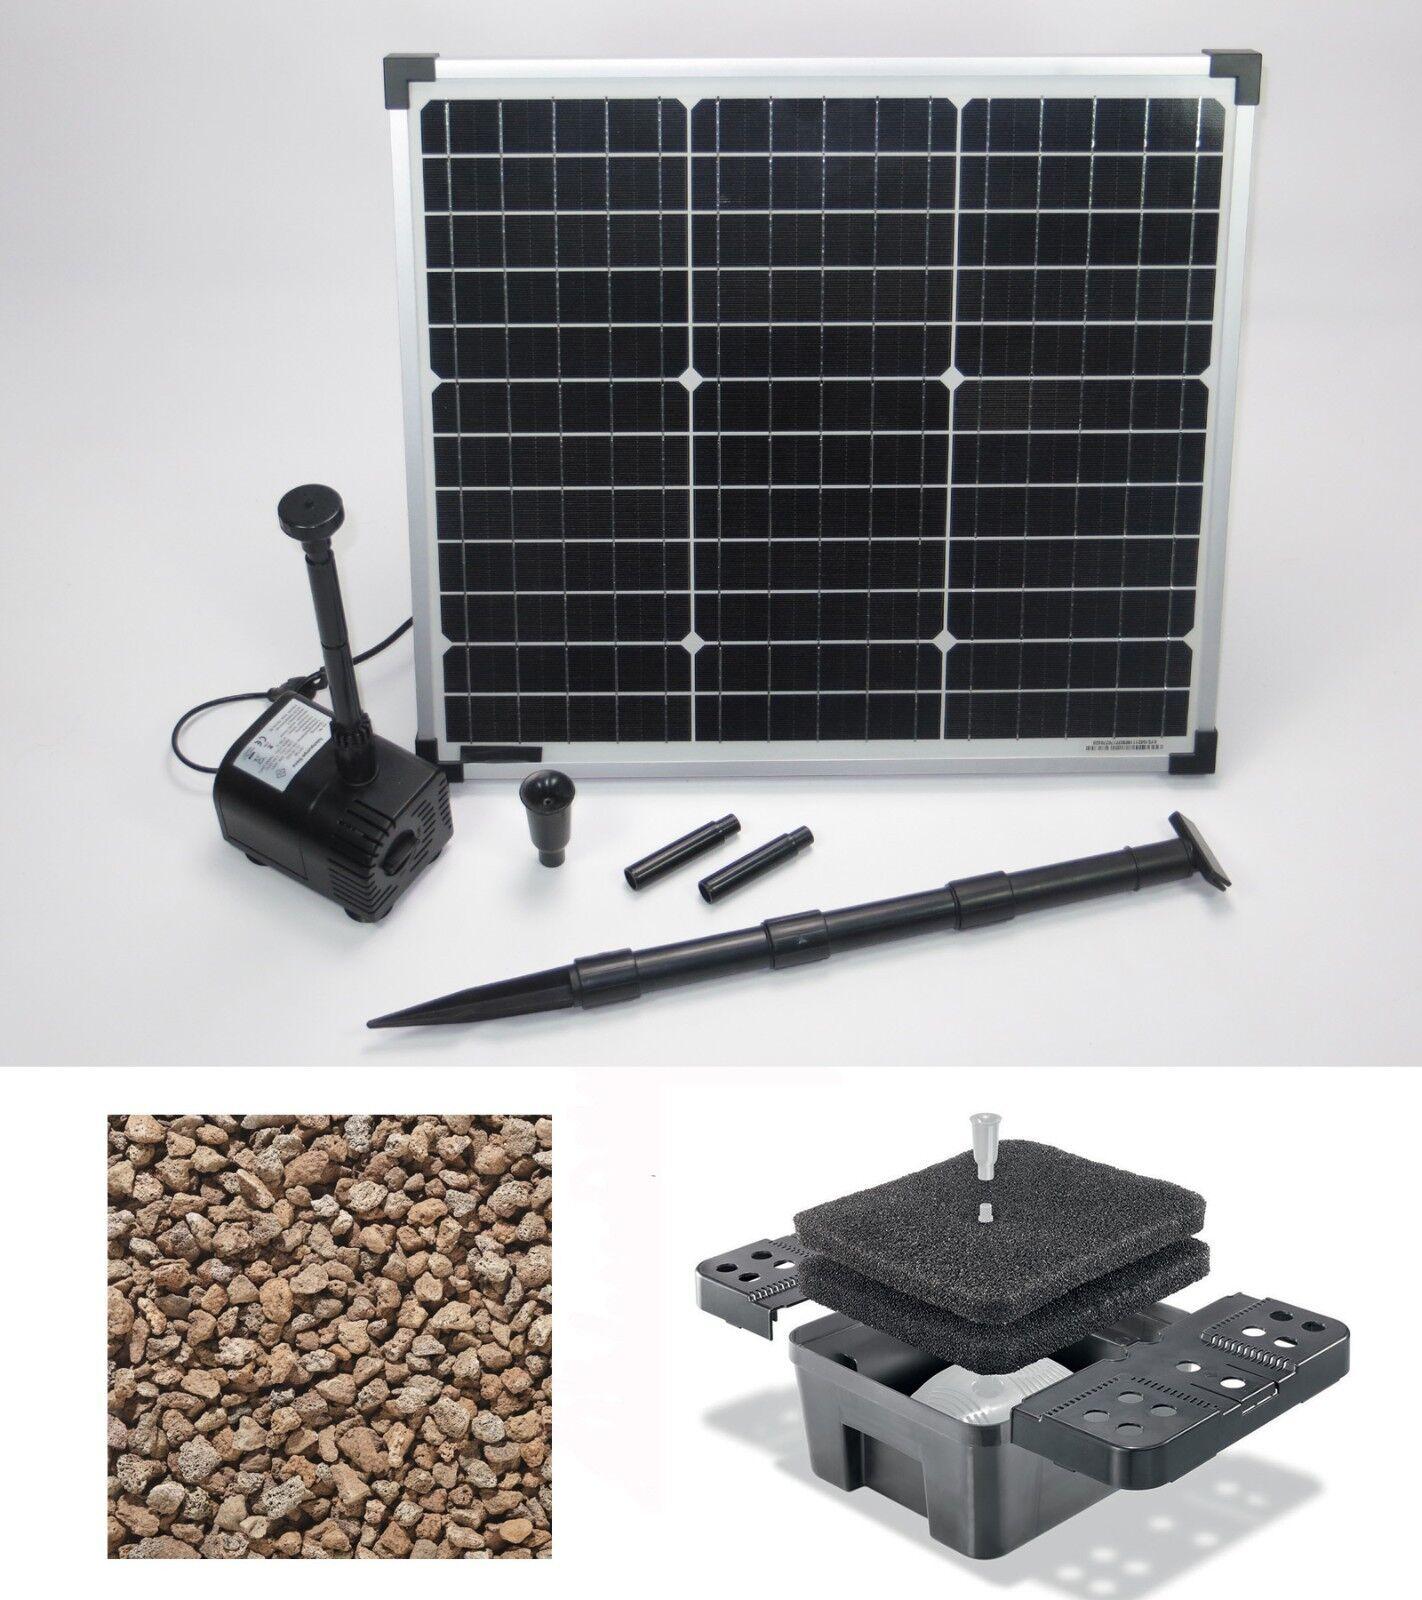 30w SOLARE POMPA PER LAGHETTO FILTRO Pompa Solare Pompa per laghetto giardino Bach CORSA POMPA per laghetto NUOVA